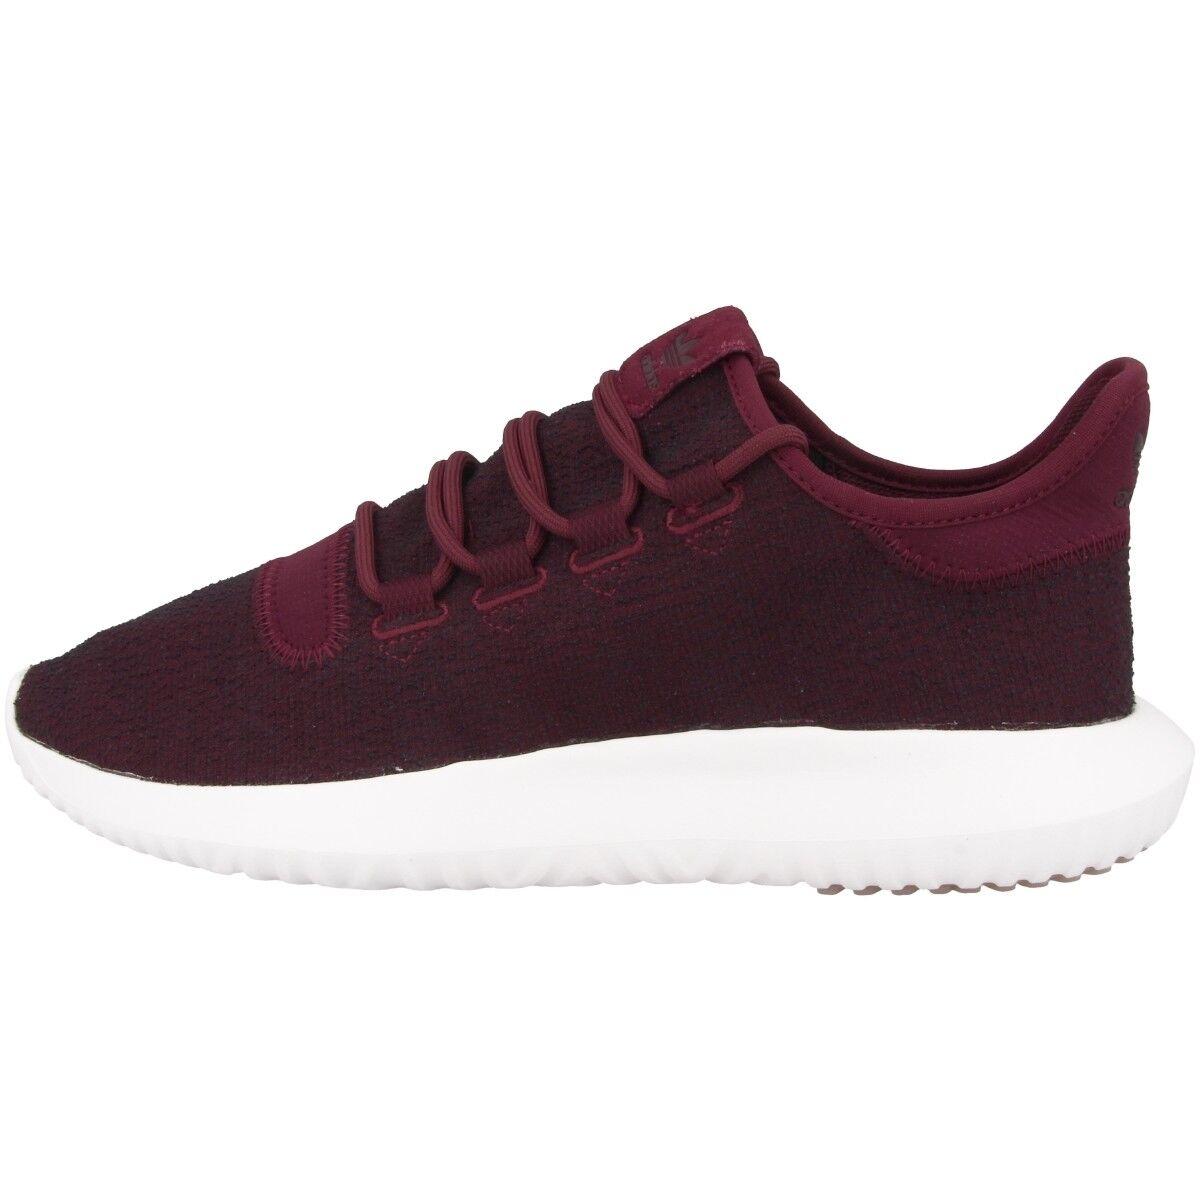 Adidas tubular Shadow Men zapatos calcetines cortos zapatillas Maroon gris cq0927